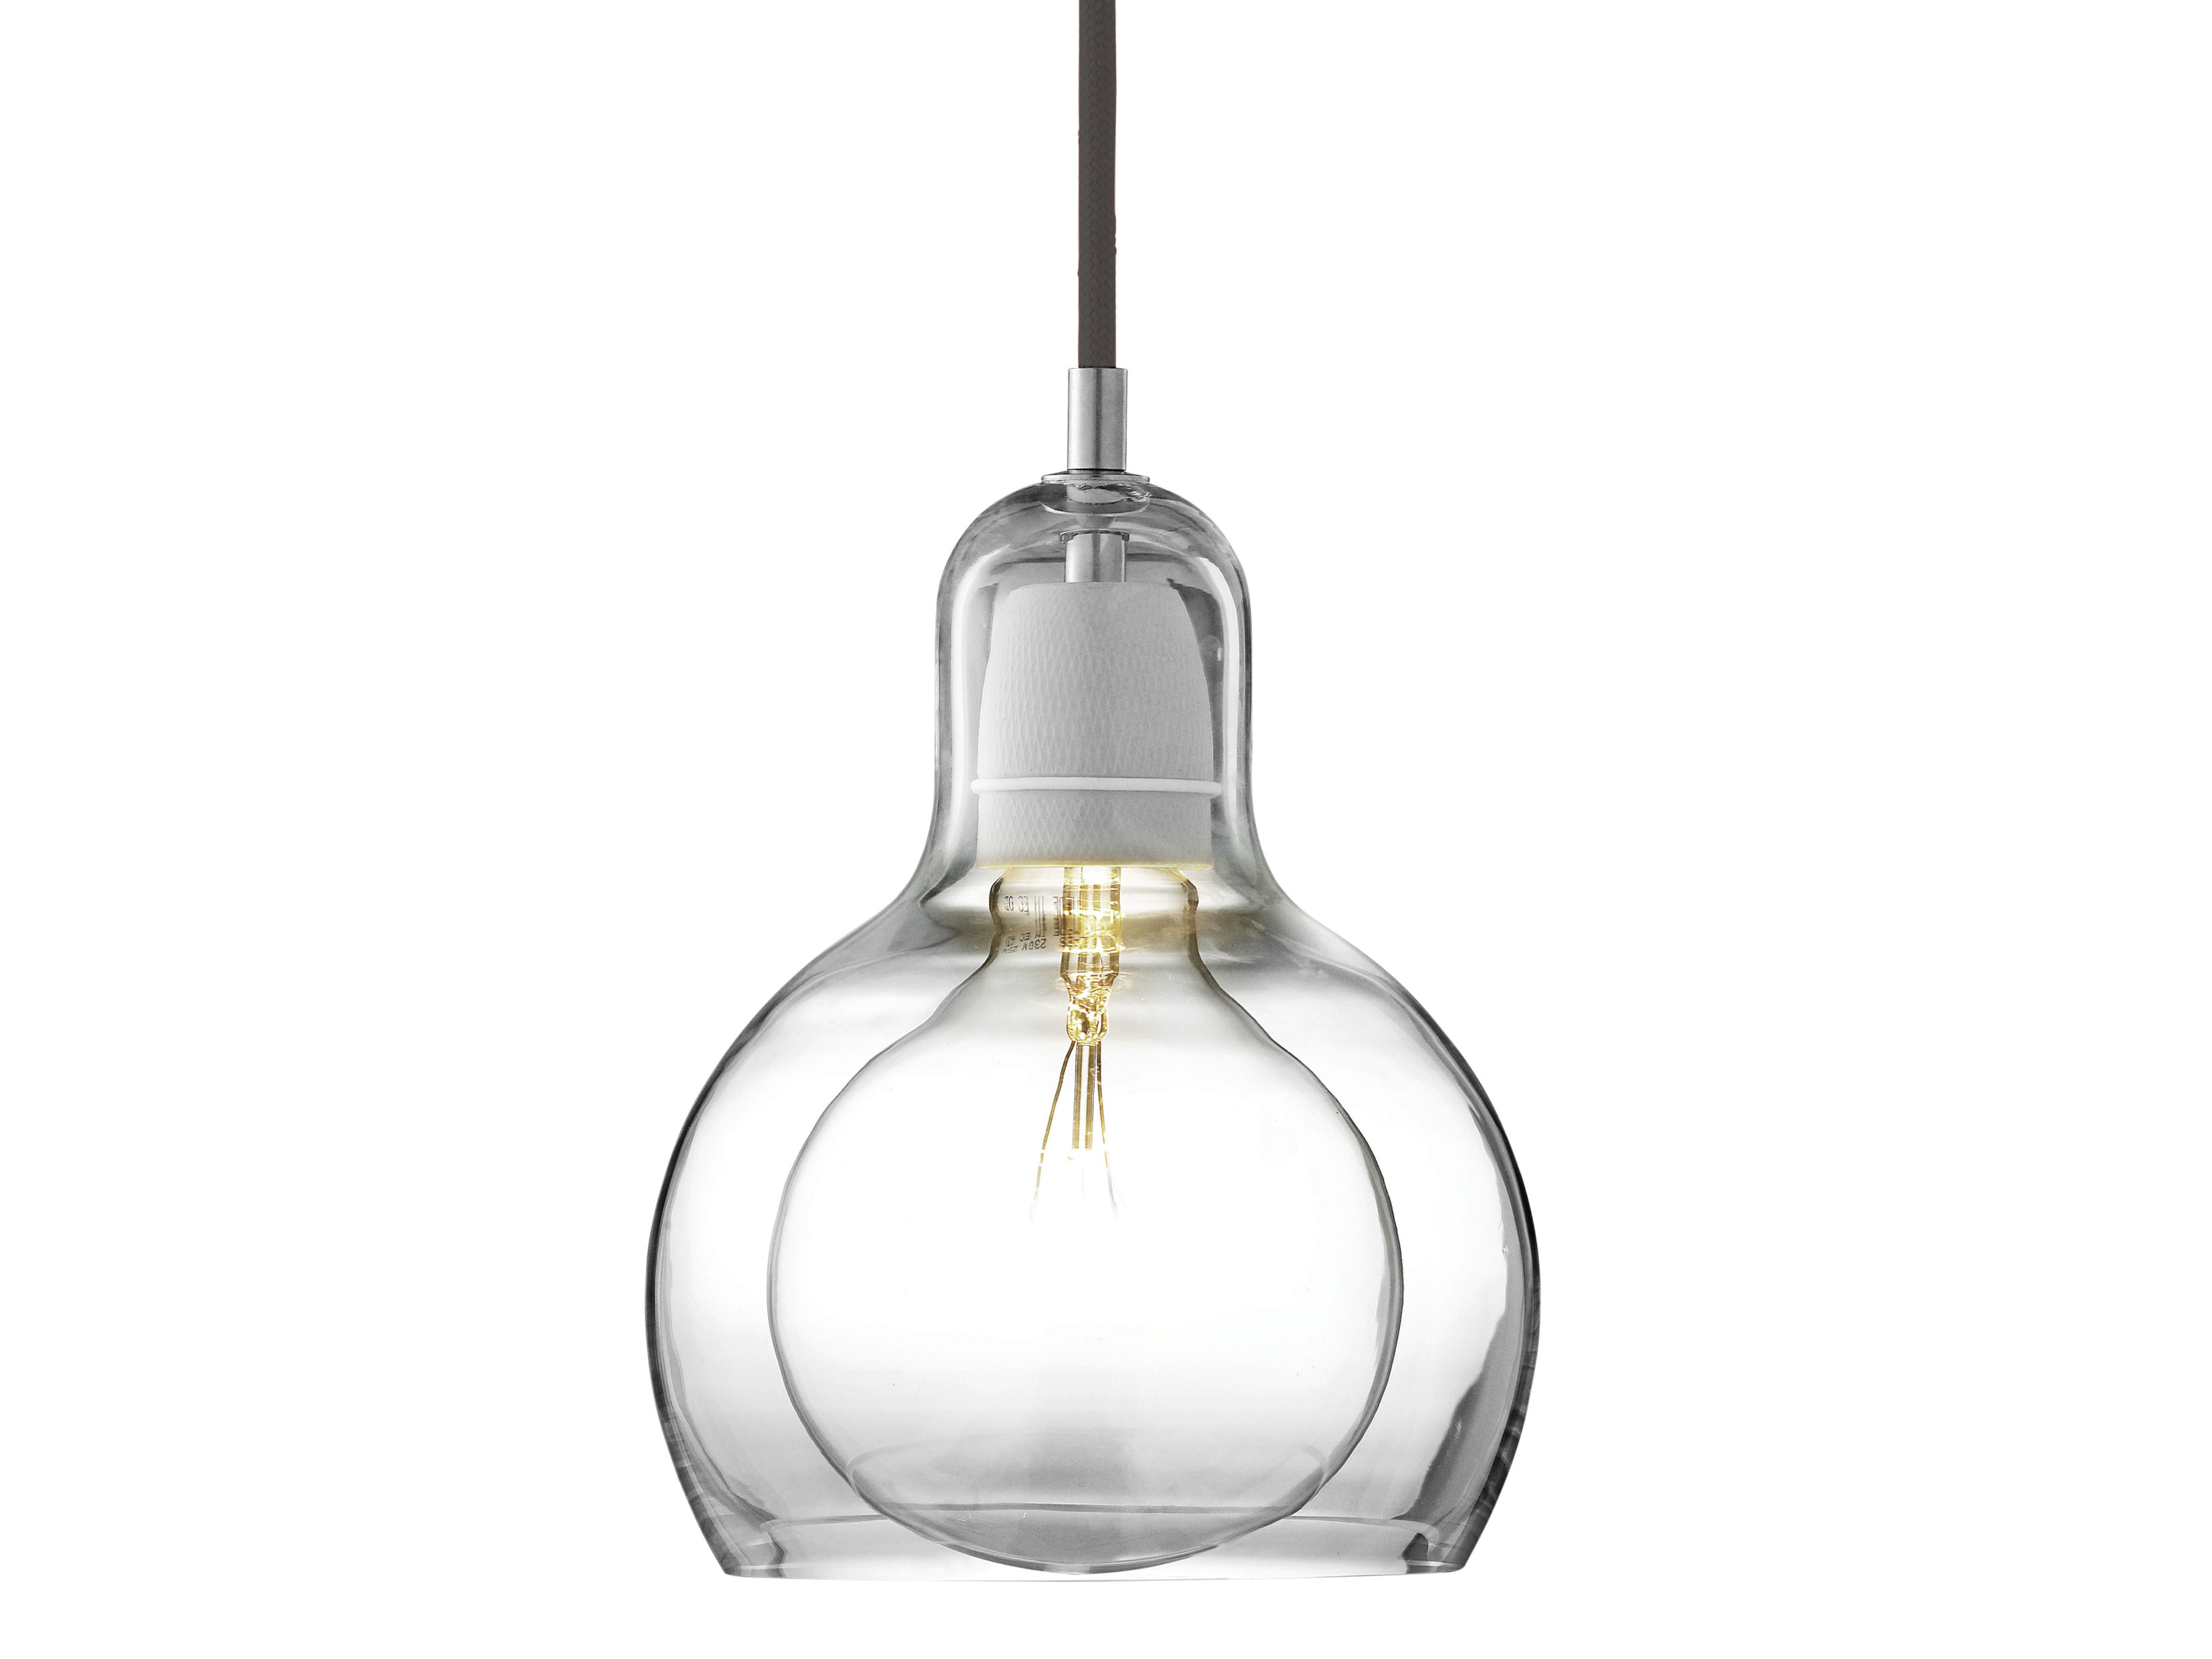 Luminaire - Suspensions - Suspension Mega Bulb / Ø 18 cm - Câble noir - &tradition - Transparent / câble noir - Verre soufflé bouche